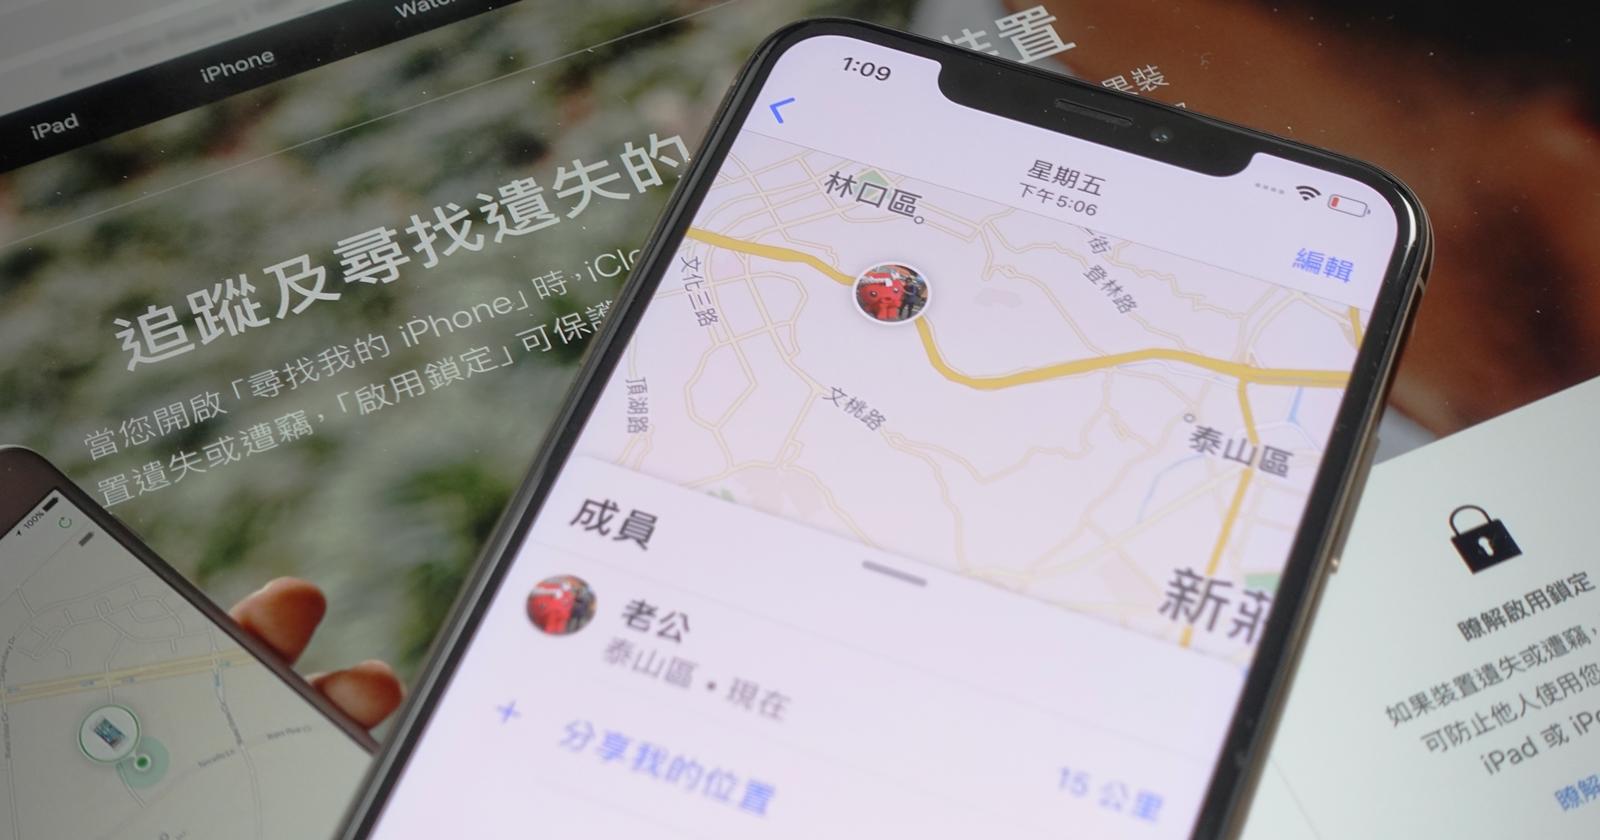 【iOS 13】提高手機遺失找回的機率,新「尋找」功能將尋找裝置和尋找朋友二合一